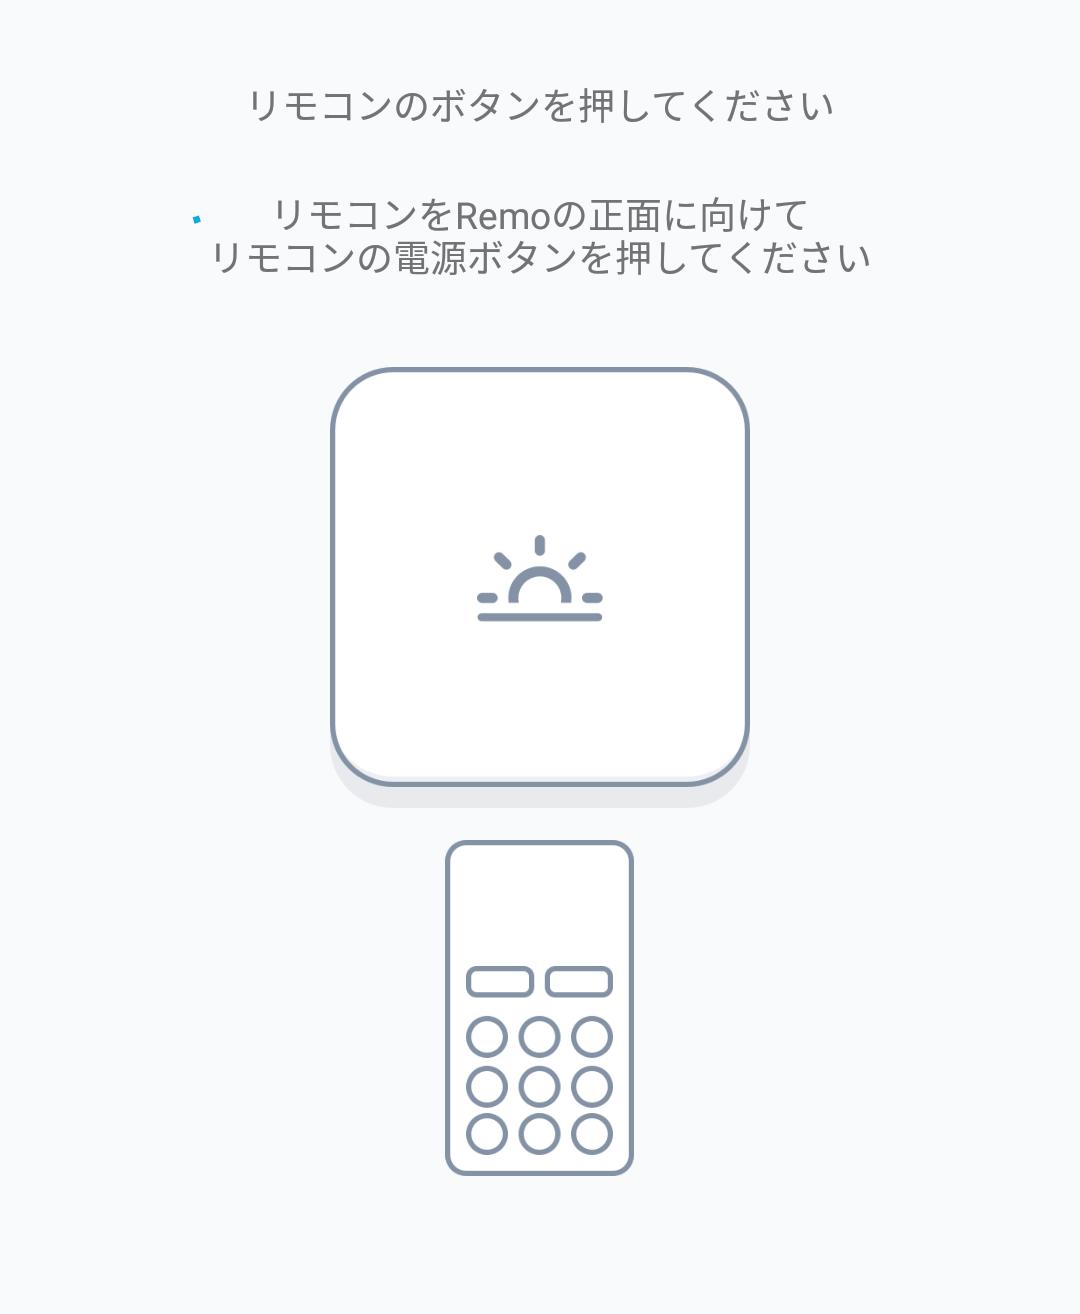 リモコン登録